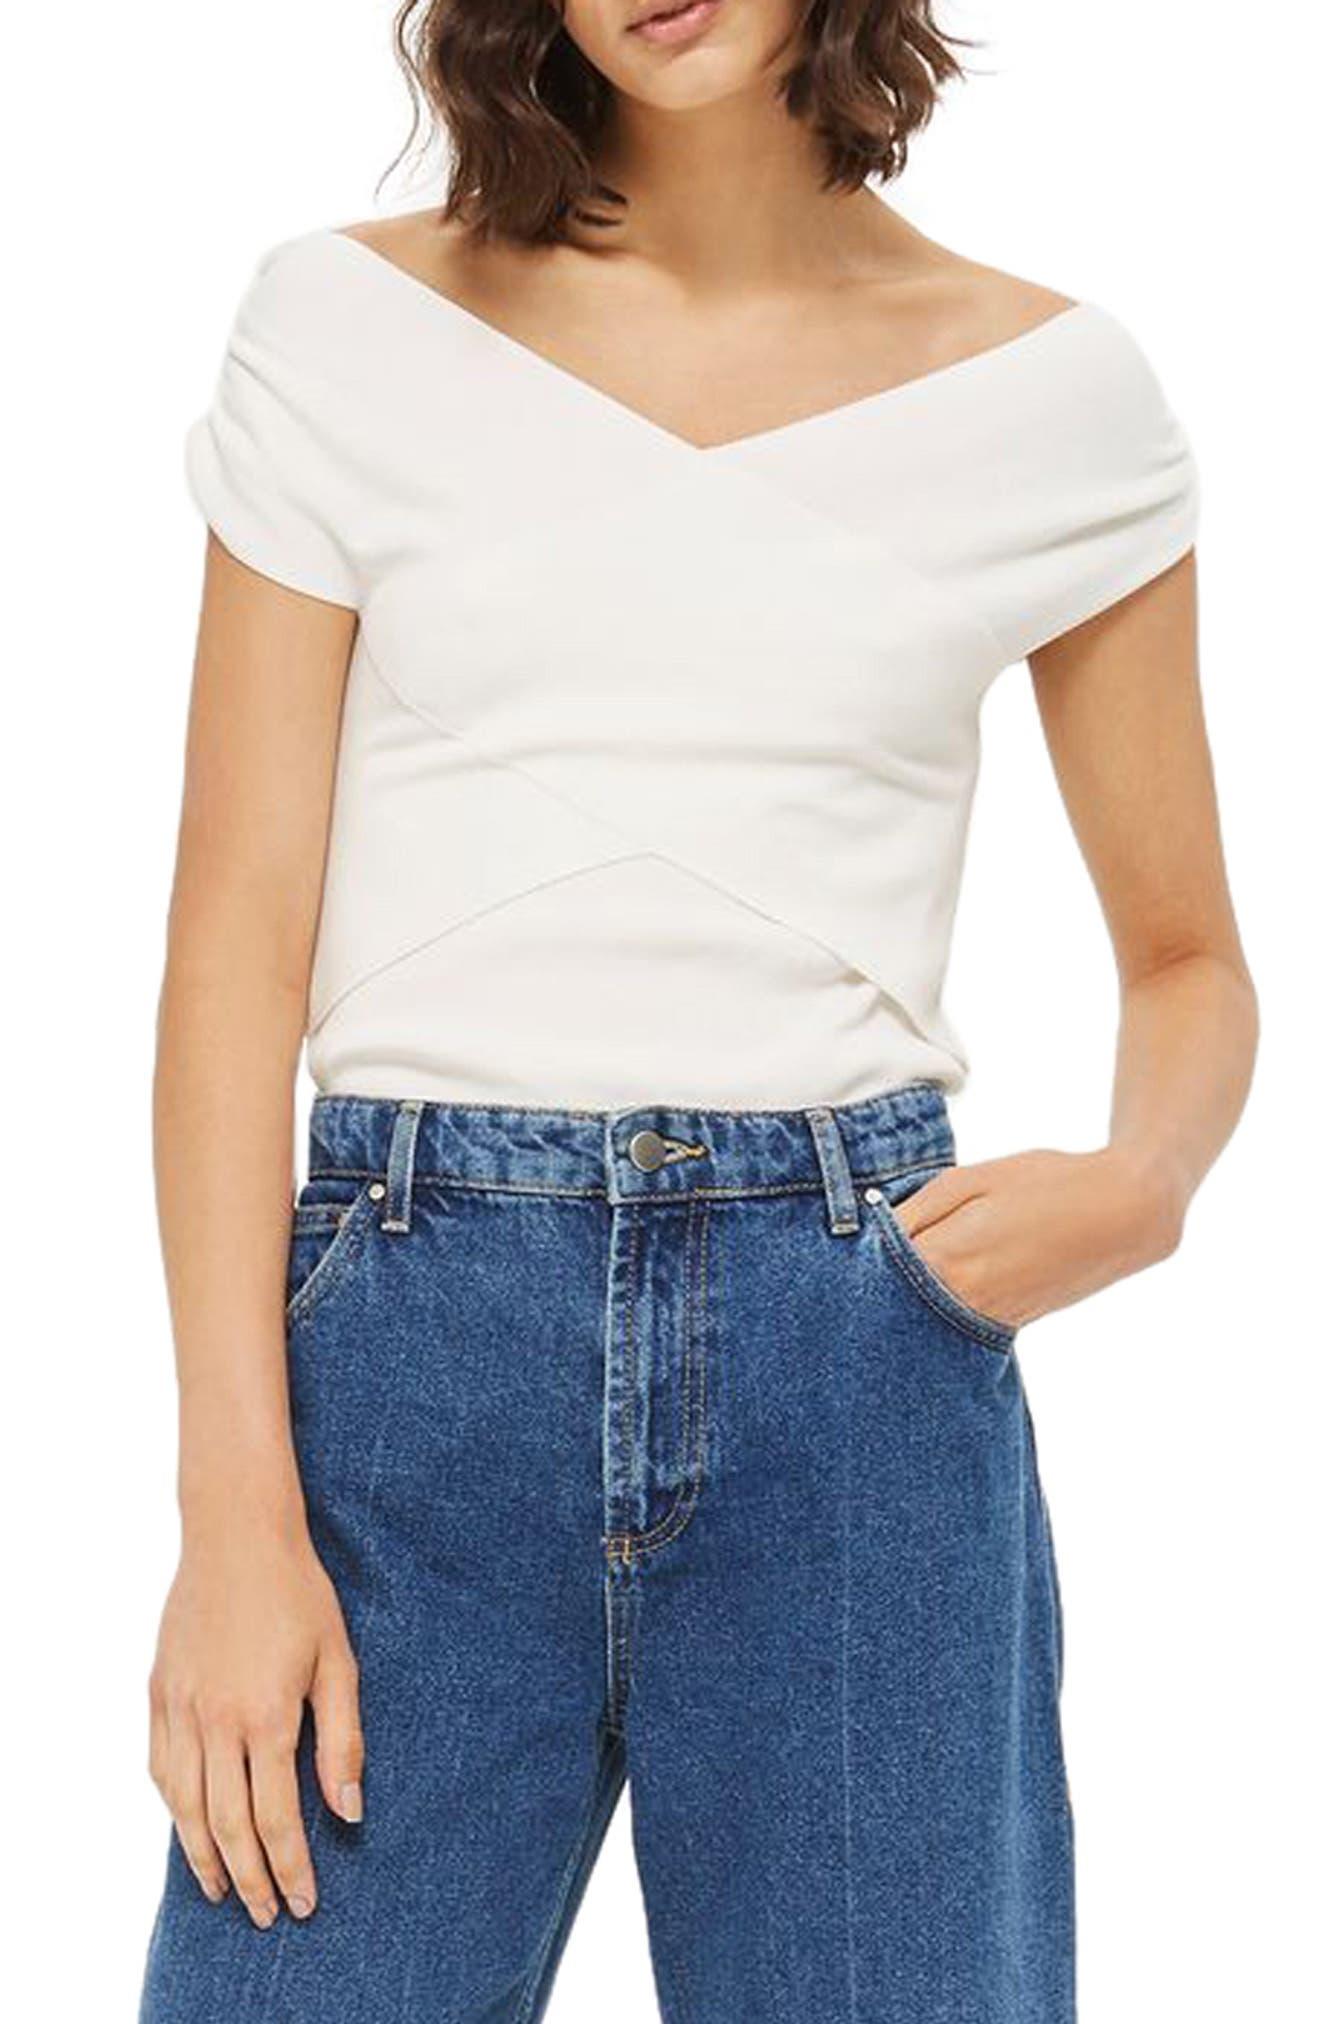 Alternate Image 1 Selected - Topshop Ruched Shoulder Bardot Top